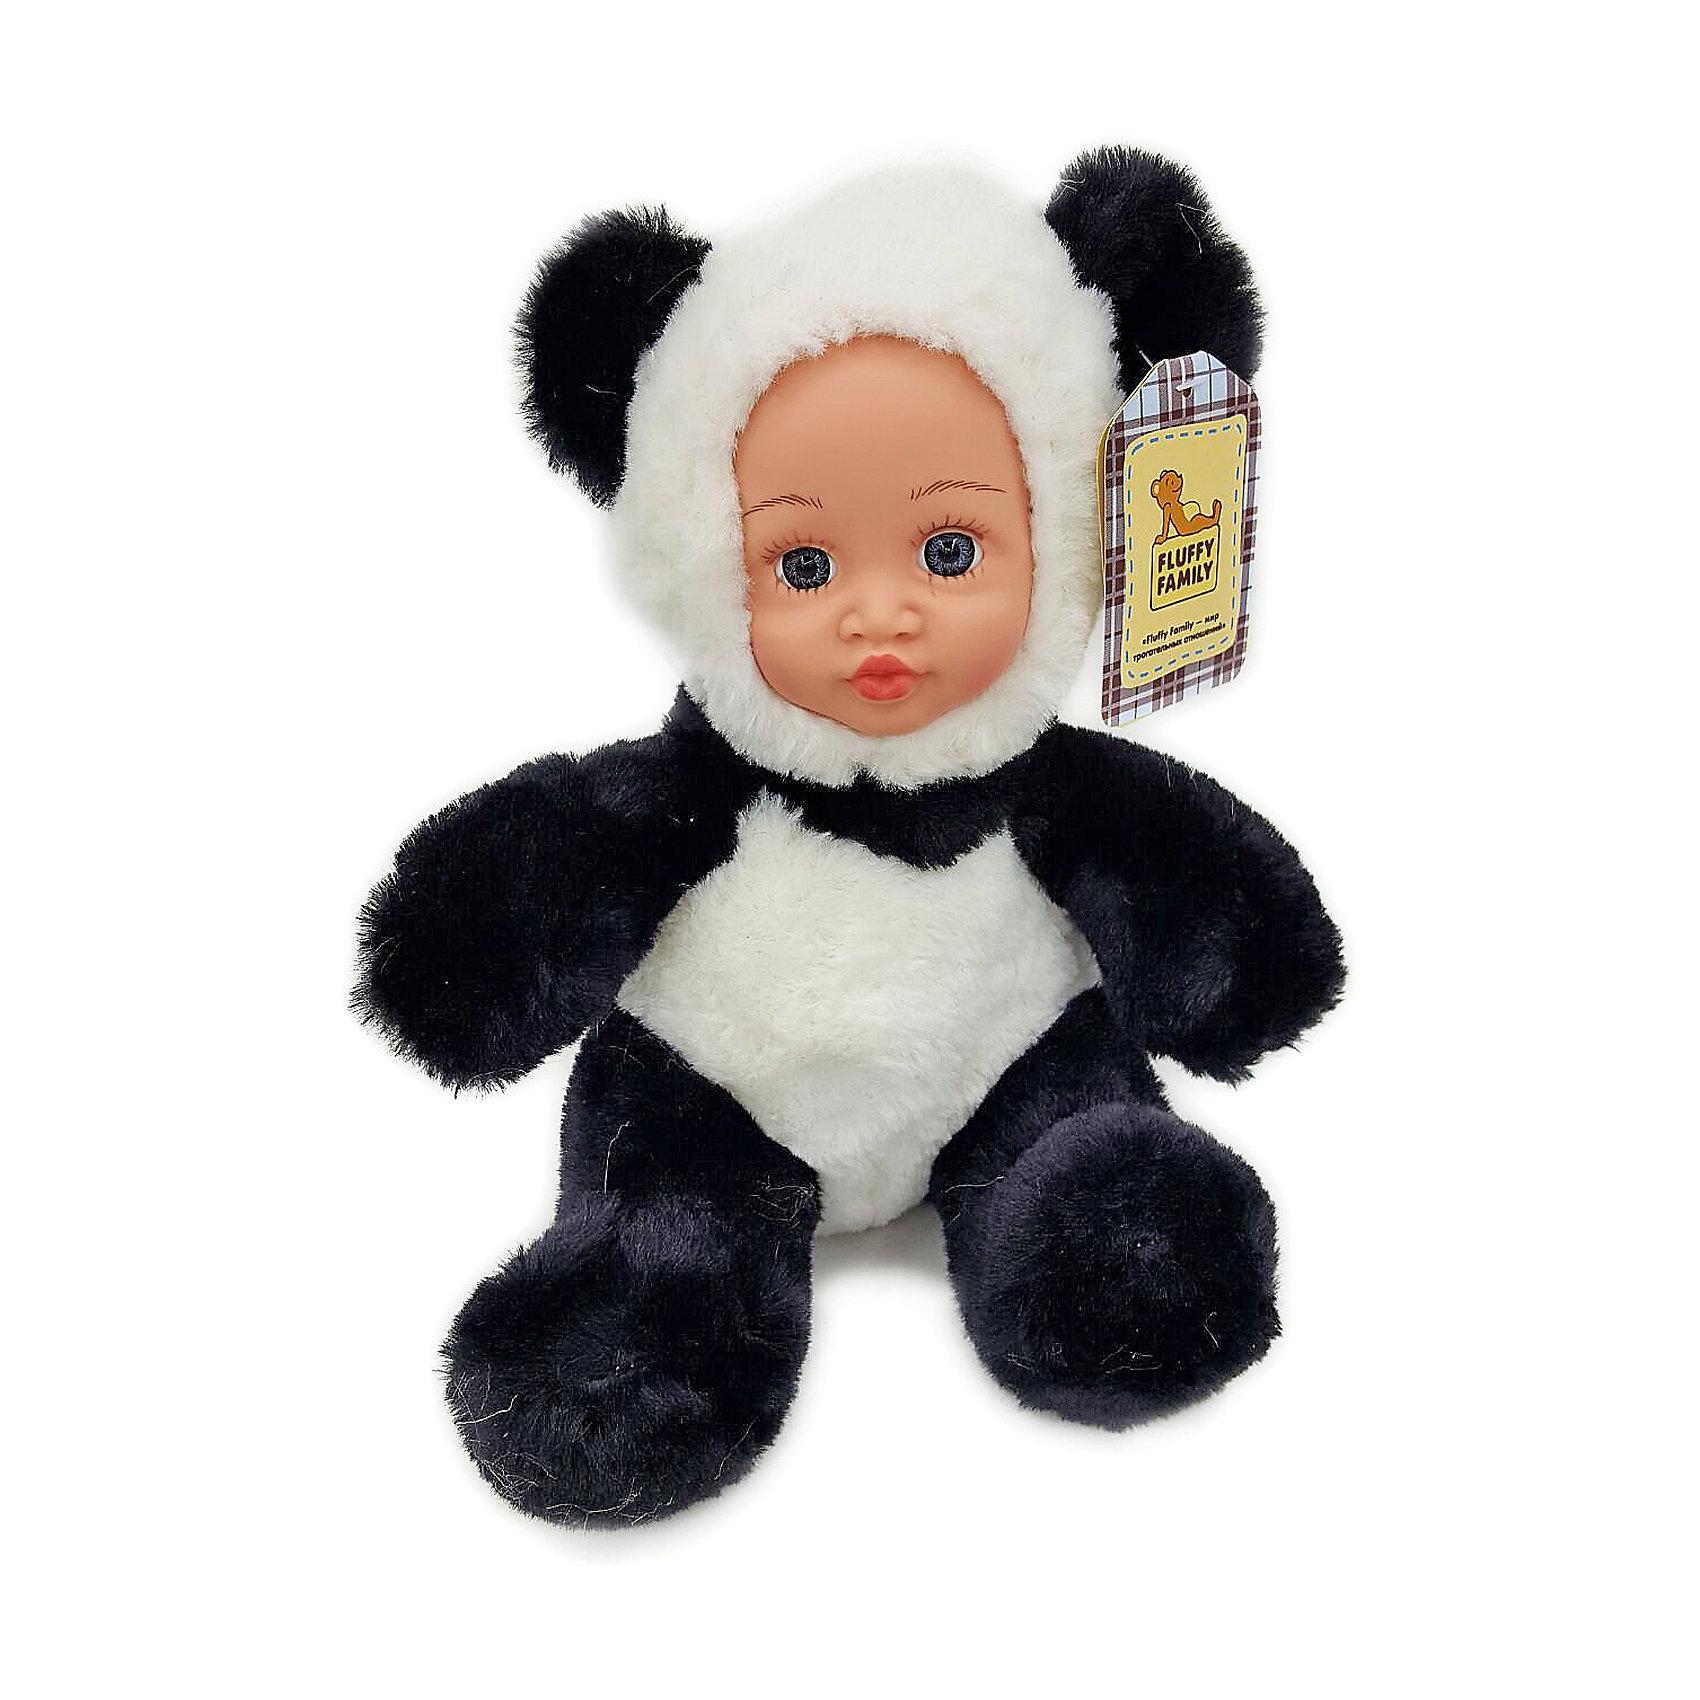 Игрушка Крошка панда, Fluffy FamilyМягкие куклы<br>Такая игрушка - милая вариация стандартной куклы–младенца. Малыш выполнен из пластика и тщательно прорисованным личиком. Одета кукла в костюм совенка. Ткань приятна на ощупь и малышу понравится играть с куклой. Игрушка подходит для одиночной игры малыша и для игр в компании. Не содержит мелких деталей. Кукла из коллекционной серии. Соберите весь набор! Материалы, использованные при изготовлении товара, абсолютно безопасны и отвечают всем международным требованиям по качеству.<br><br>Дополнительные характеристики:<br><br>материал: ПВХ, искусственный мех, пластик;<br>габариты: 20 X 9 X 30 см;<br>наполнитель: полиэтиленовые гранулы.<br><br>Игрушку Крошка панда от компании Fluffy Family можно приобрести в нашем магазине.<br><br>Ширина мм: 570<br>Глубина мм: 580<br>Высота мм: 450<br>Вес г: 130<br>Возраст от месяцев: 36<br>Возраст до месяцев: 96<br>Пол: Унисекс<br>Возраст: Детский<br>SKU: 5032463